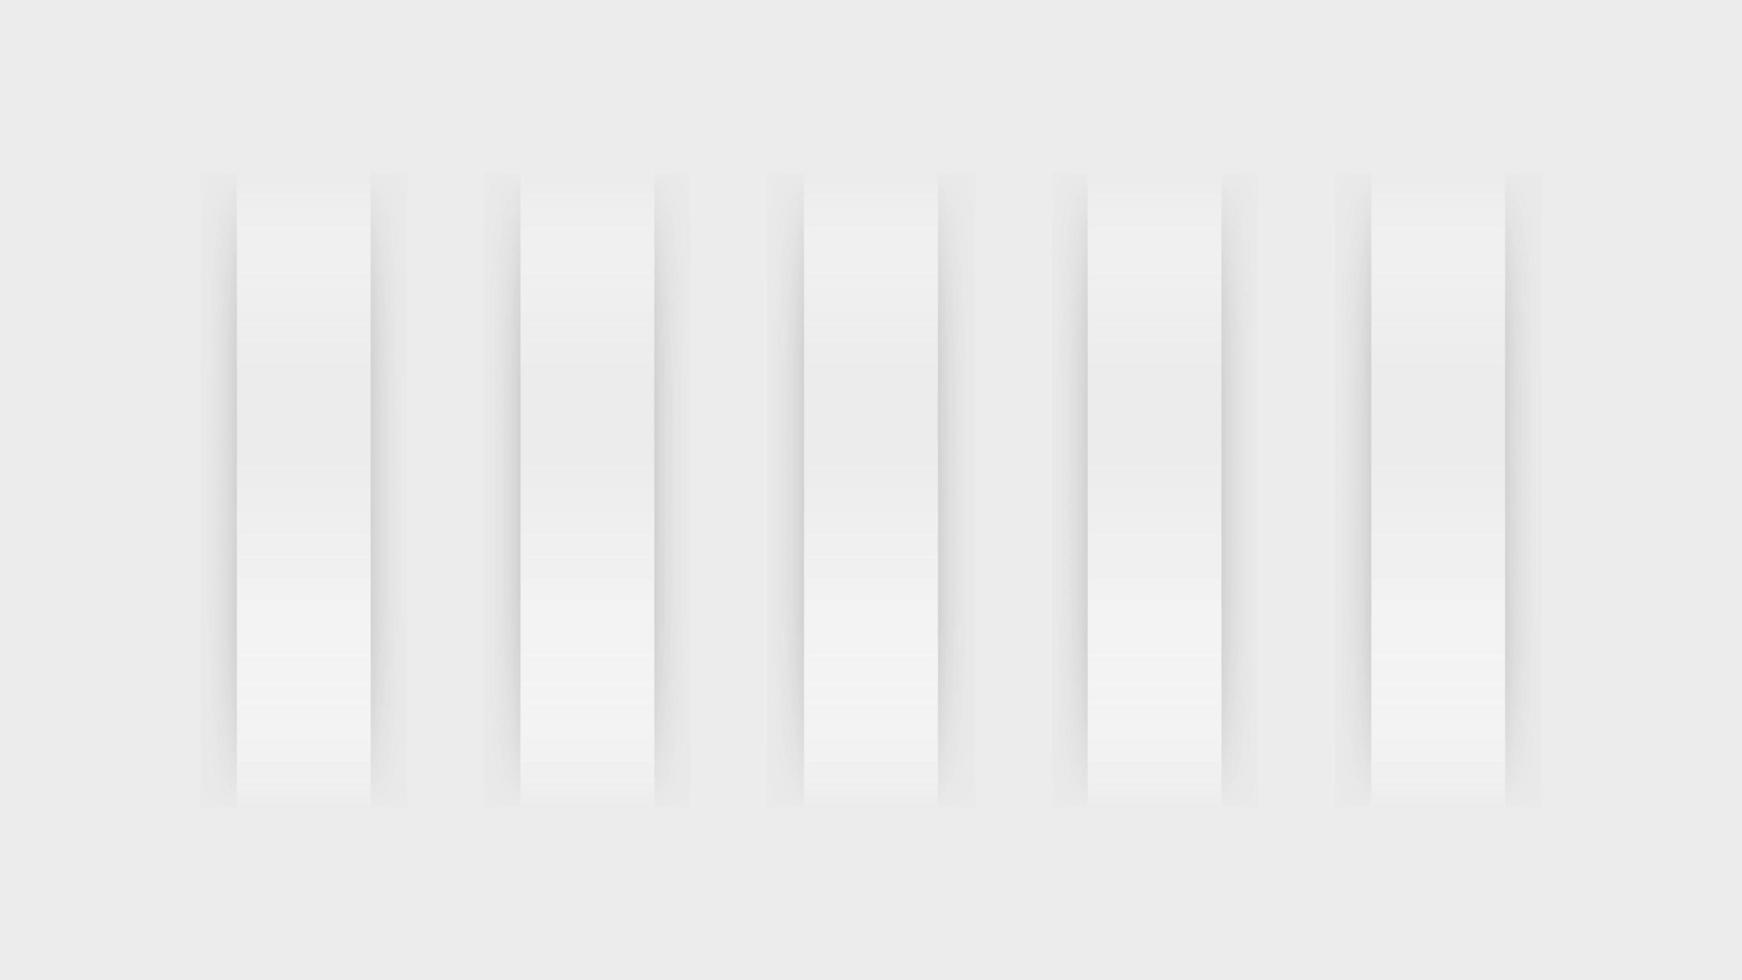 moderner weißer und grauer Rechteckhintergrund vektor